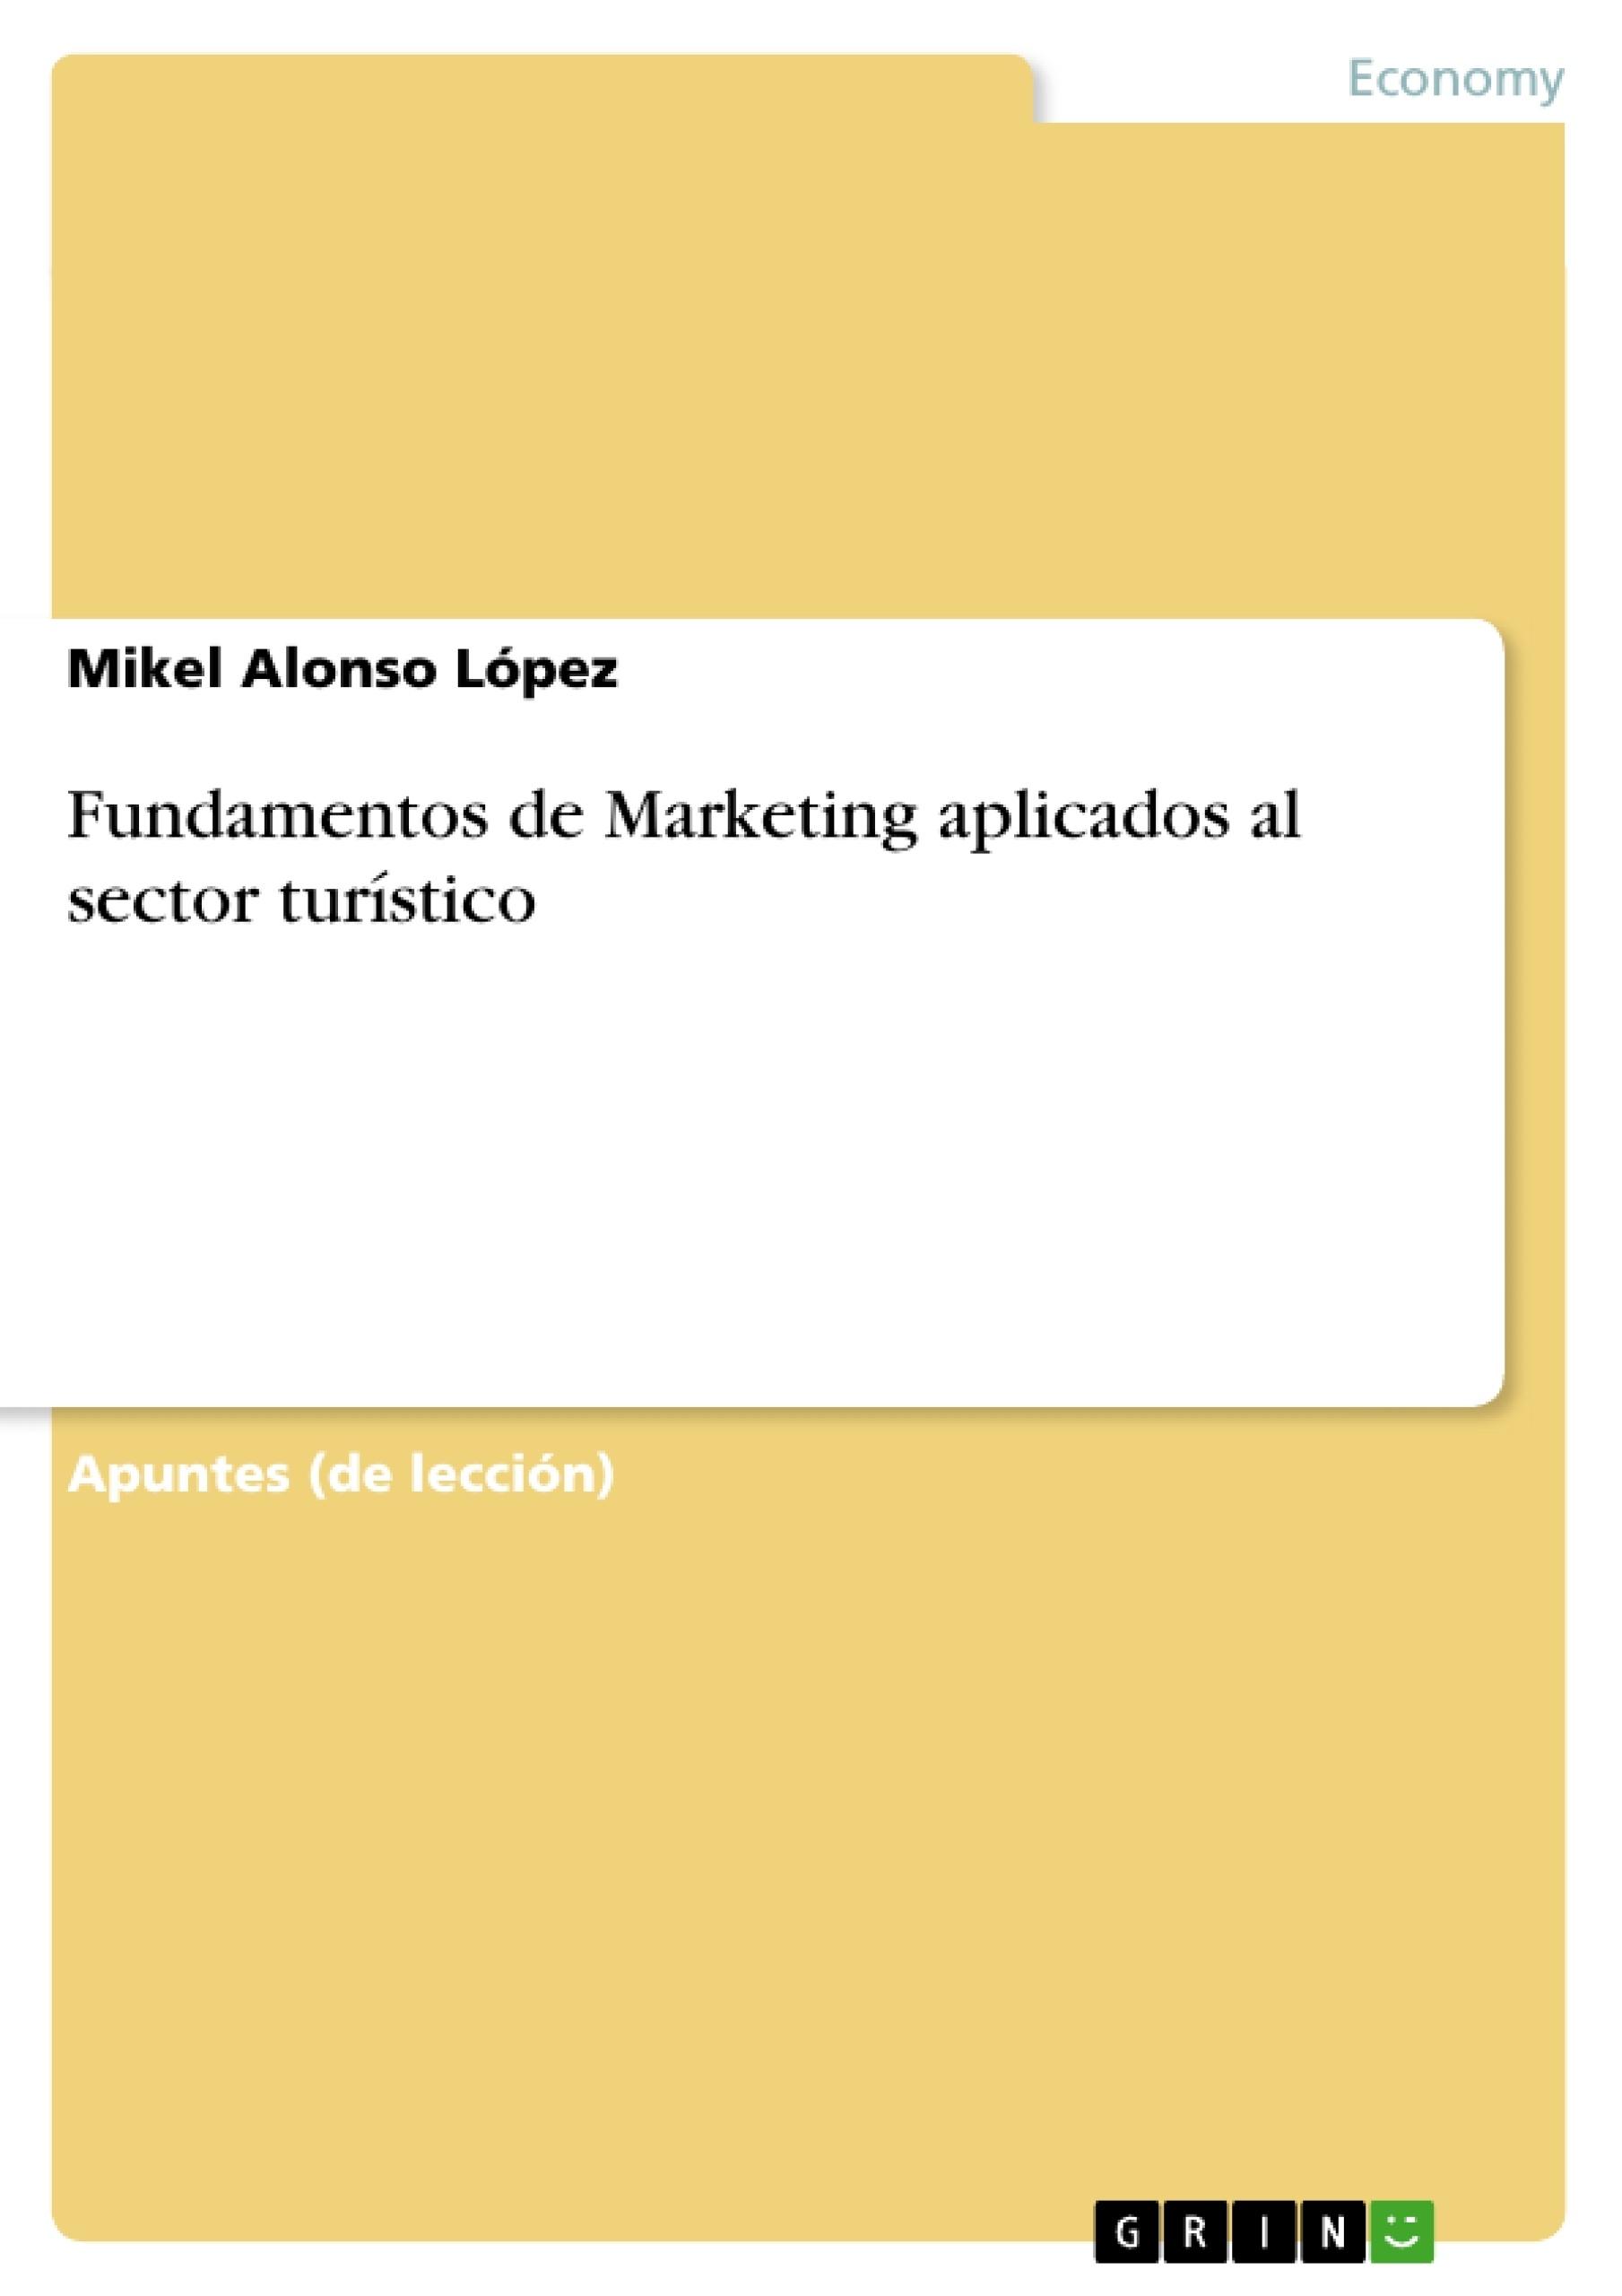 Título: Fundamentos de Marketing aplicados al sector turístico